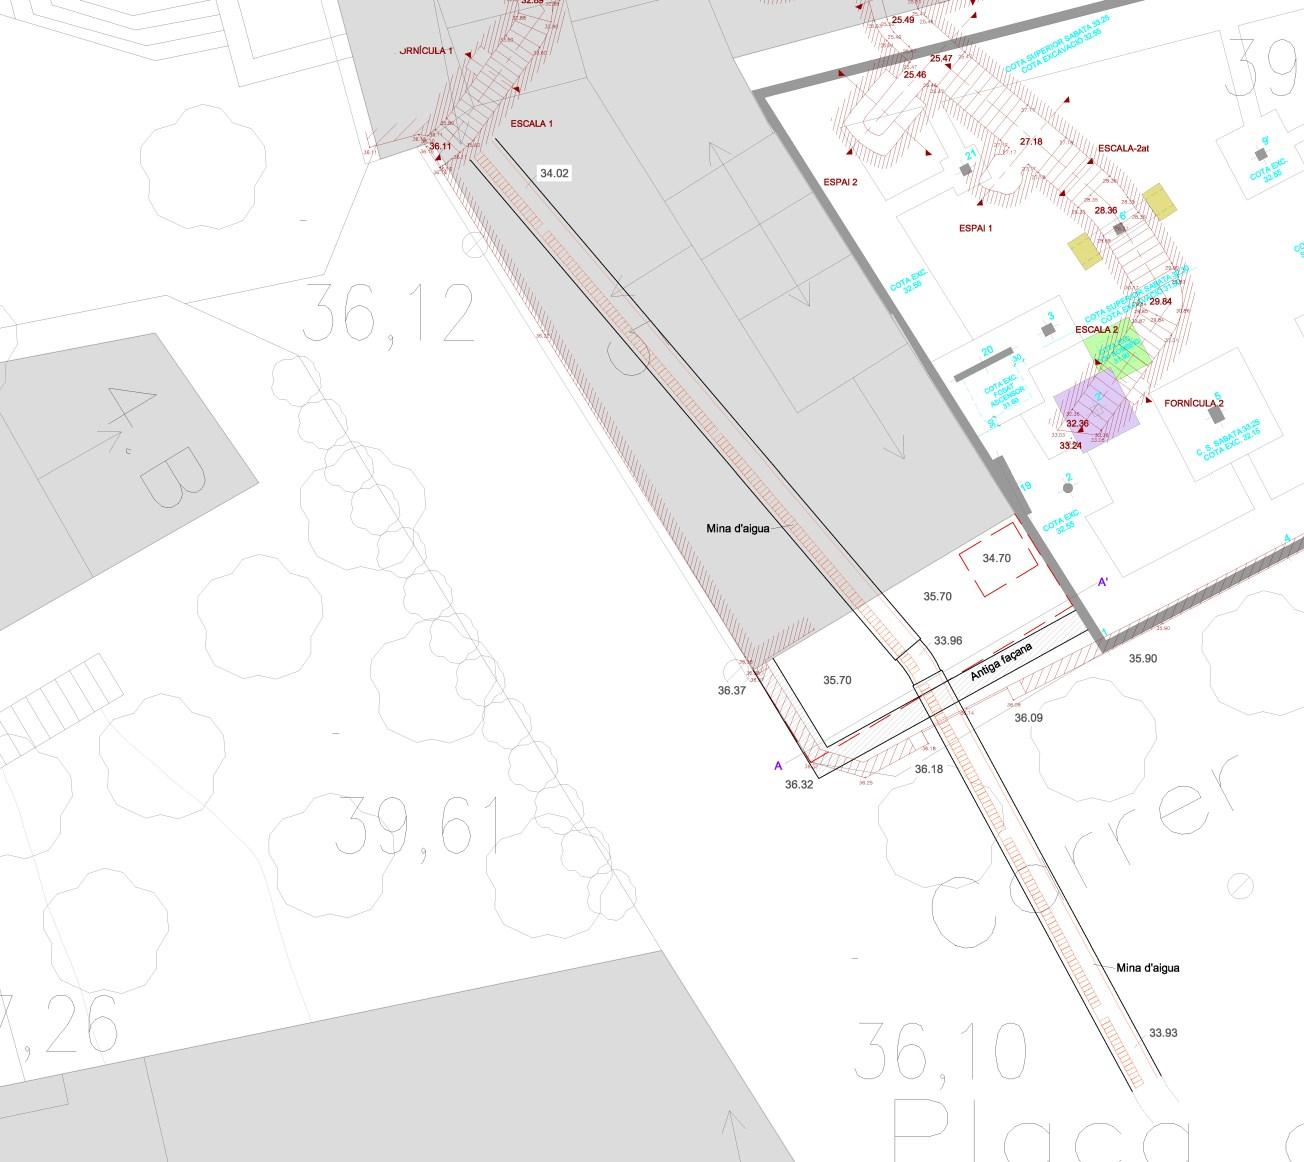 Plànol amb la ubicació de la mina d'aigua (S. XIX-XX), i com aquesta queda seccionada pel refugi. Plànol: ANTEQUEM.